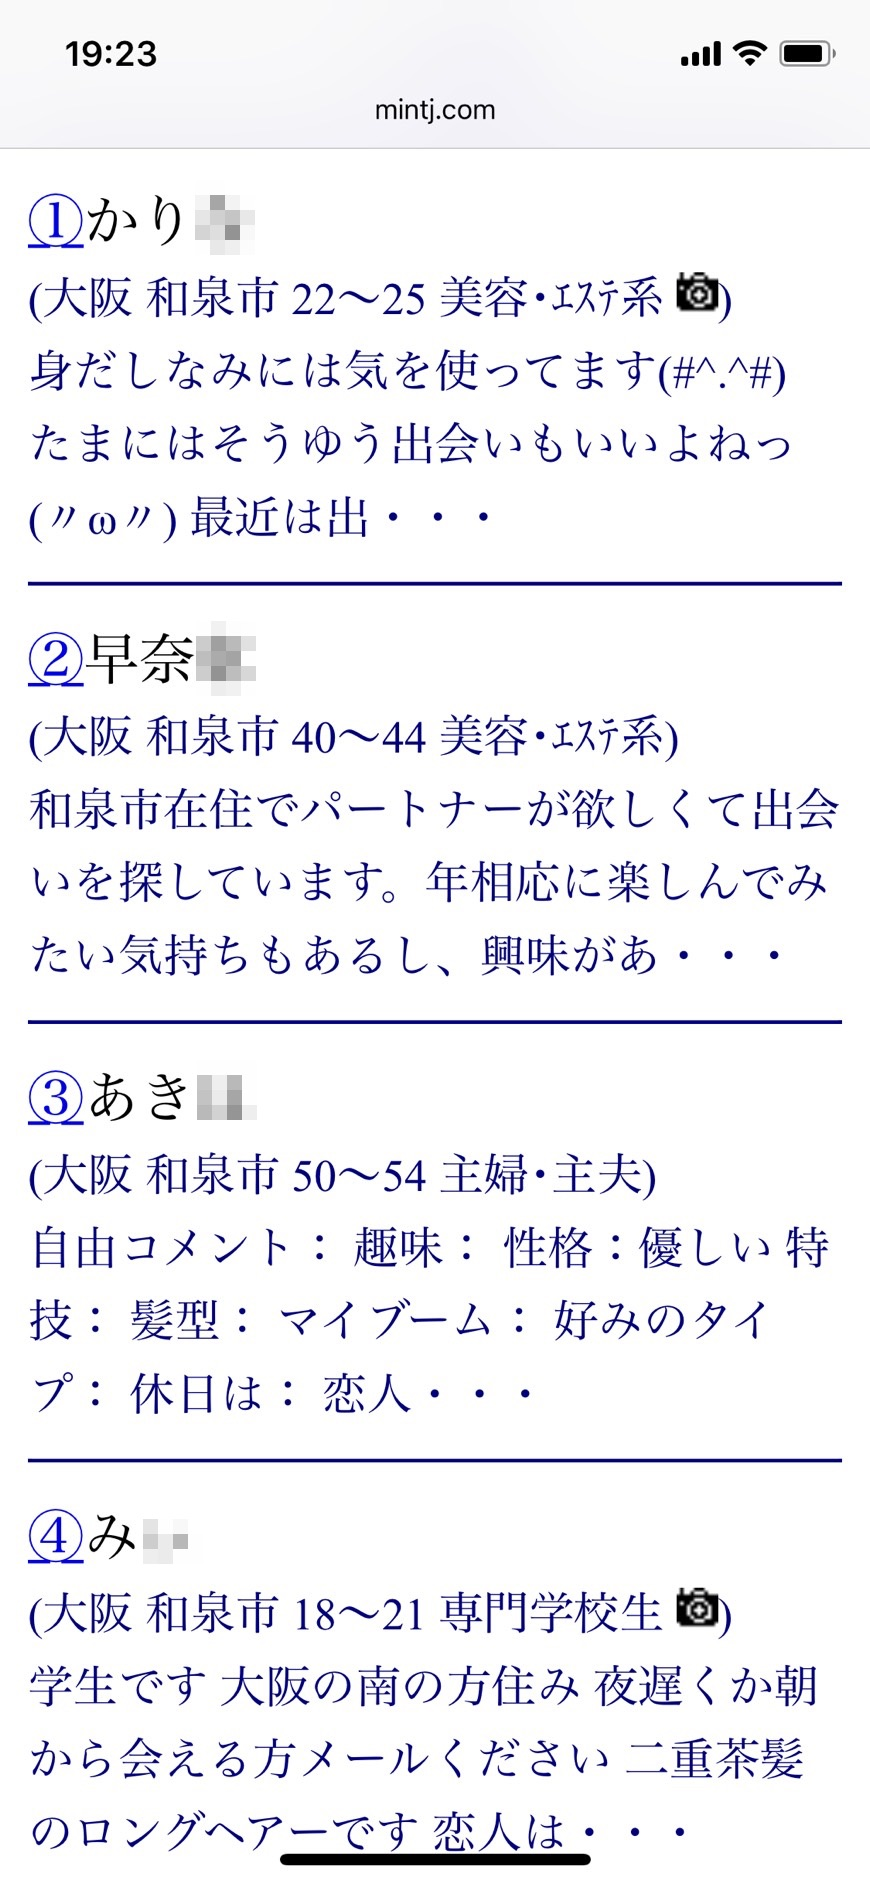 和泉・割り切り出会い掲示板(Jメール)